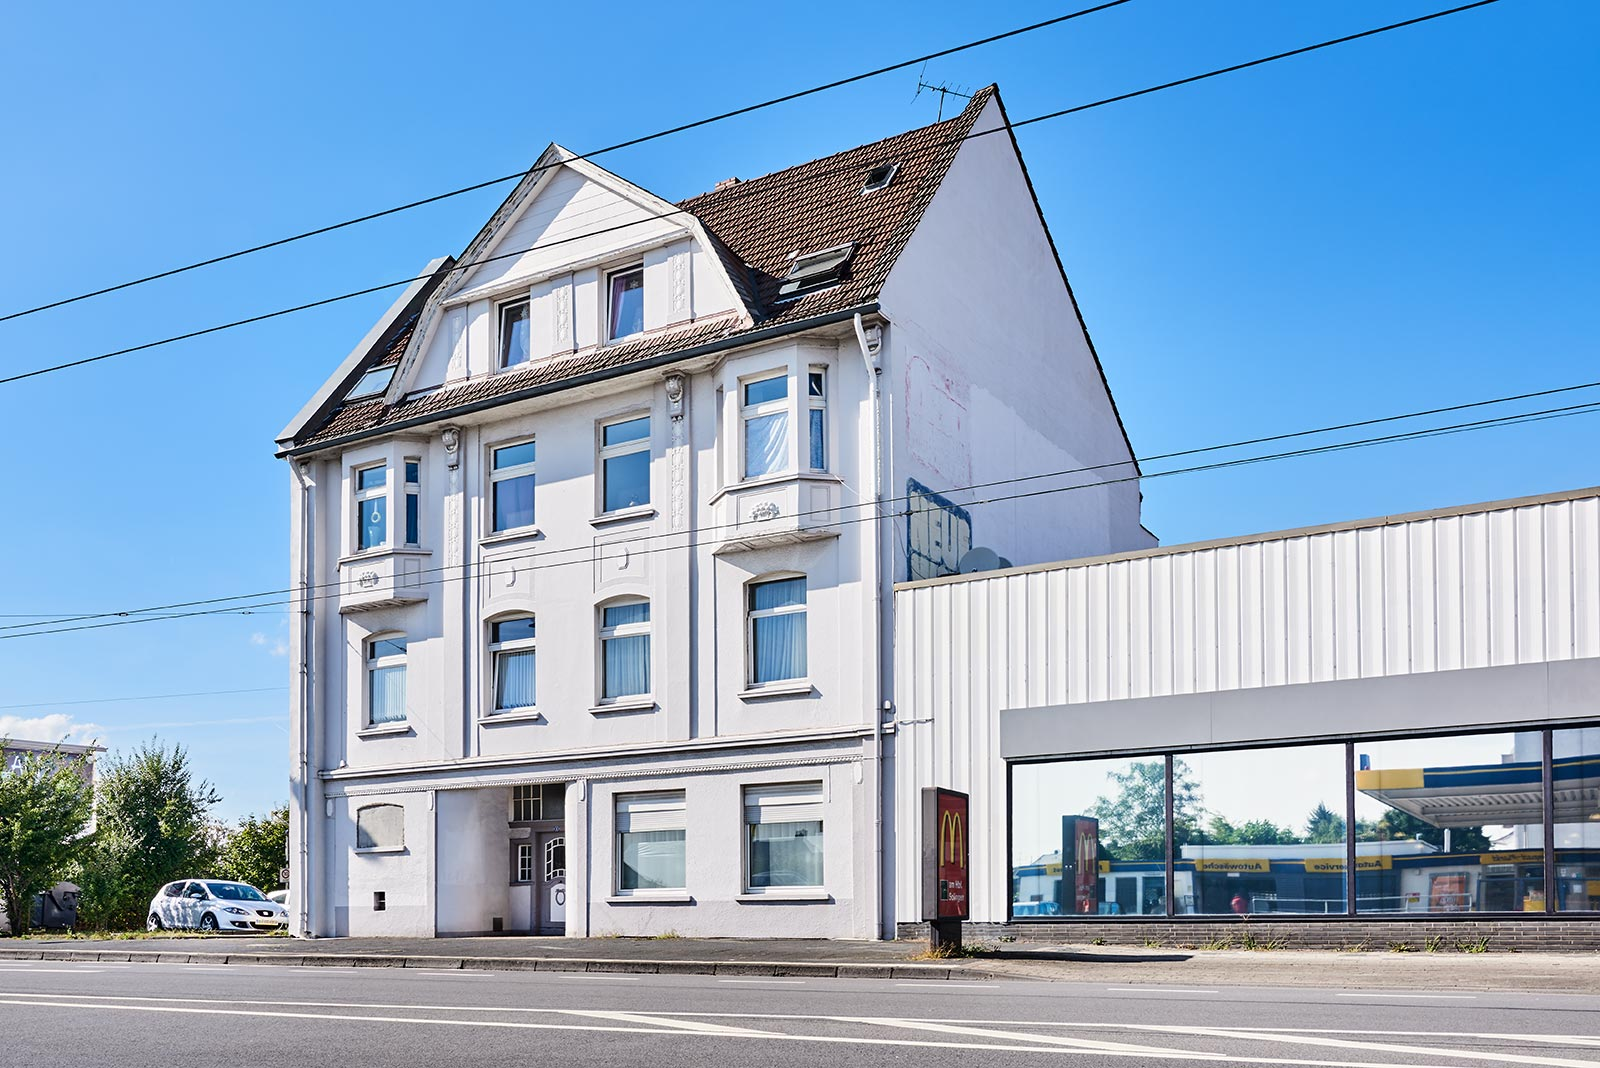 Immobilie in Solingen (Ohligs): Mehrfamilienhaus (8 Wohneinheiten) + Hinterhaus (gewerblich genutzt)